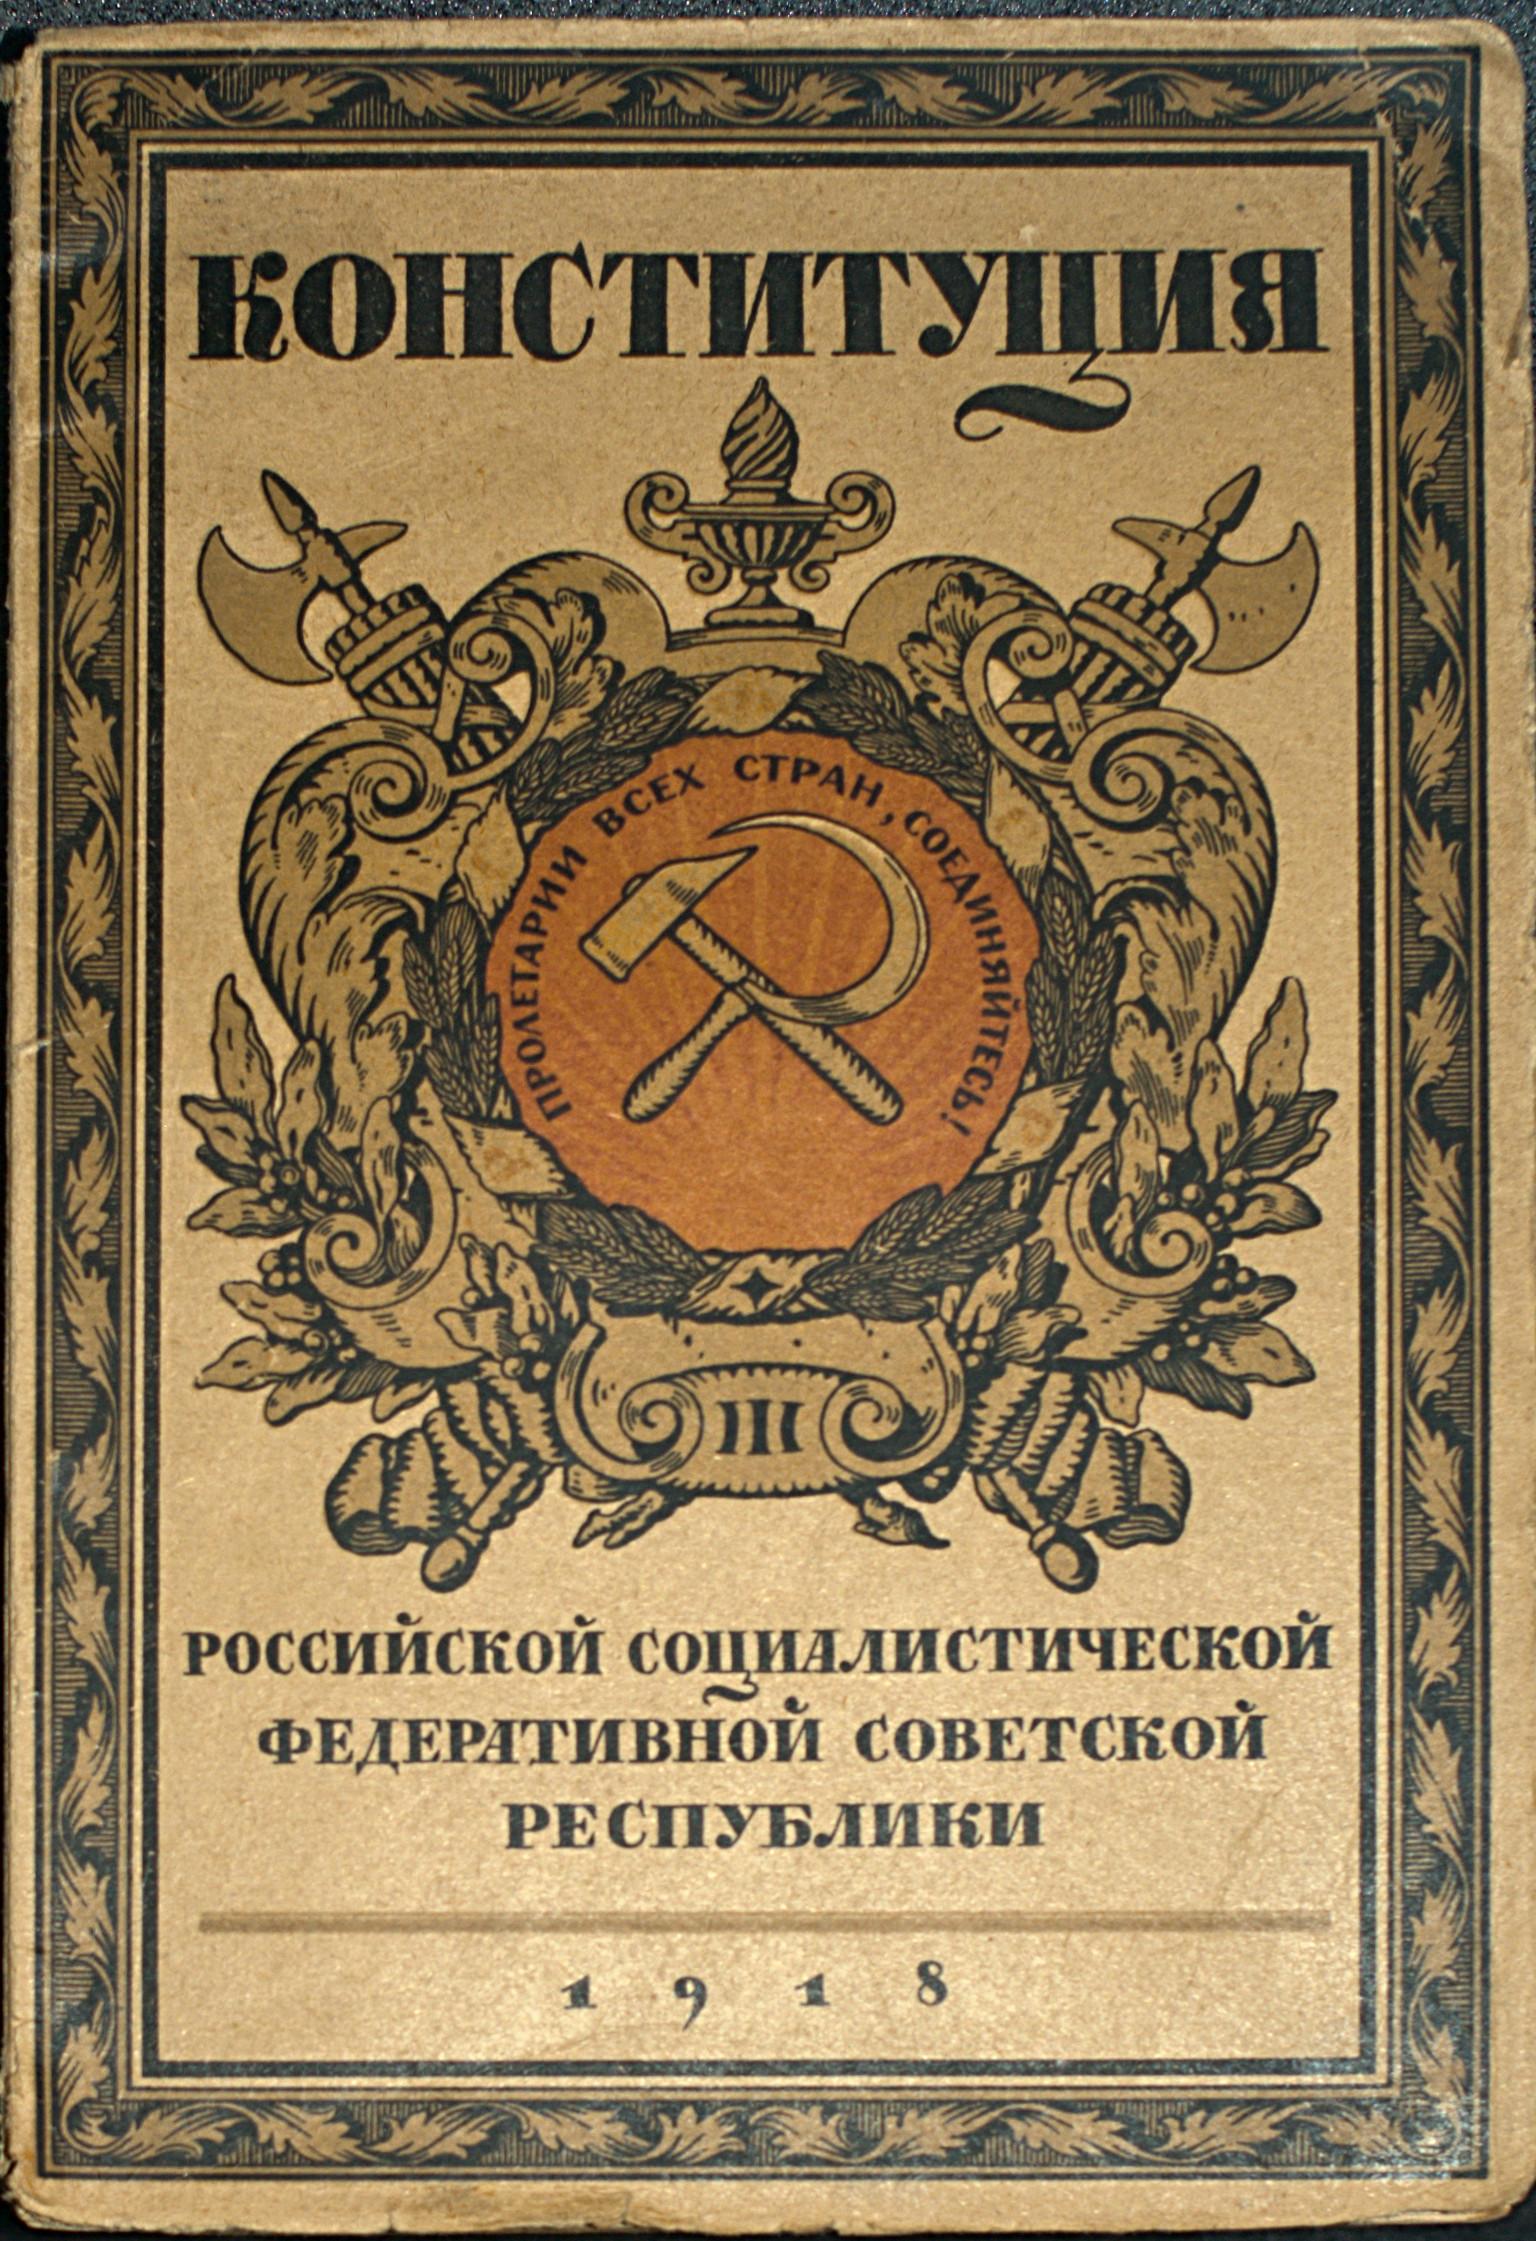 Великая страна СССР :: Конституция РСФСР 1918 года